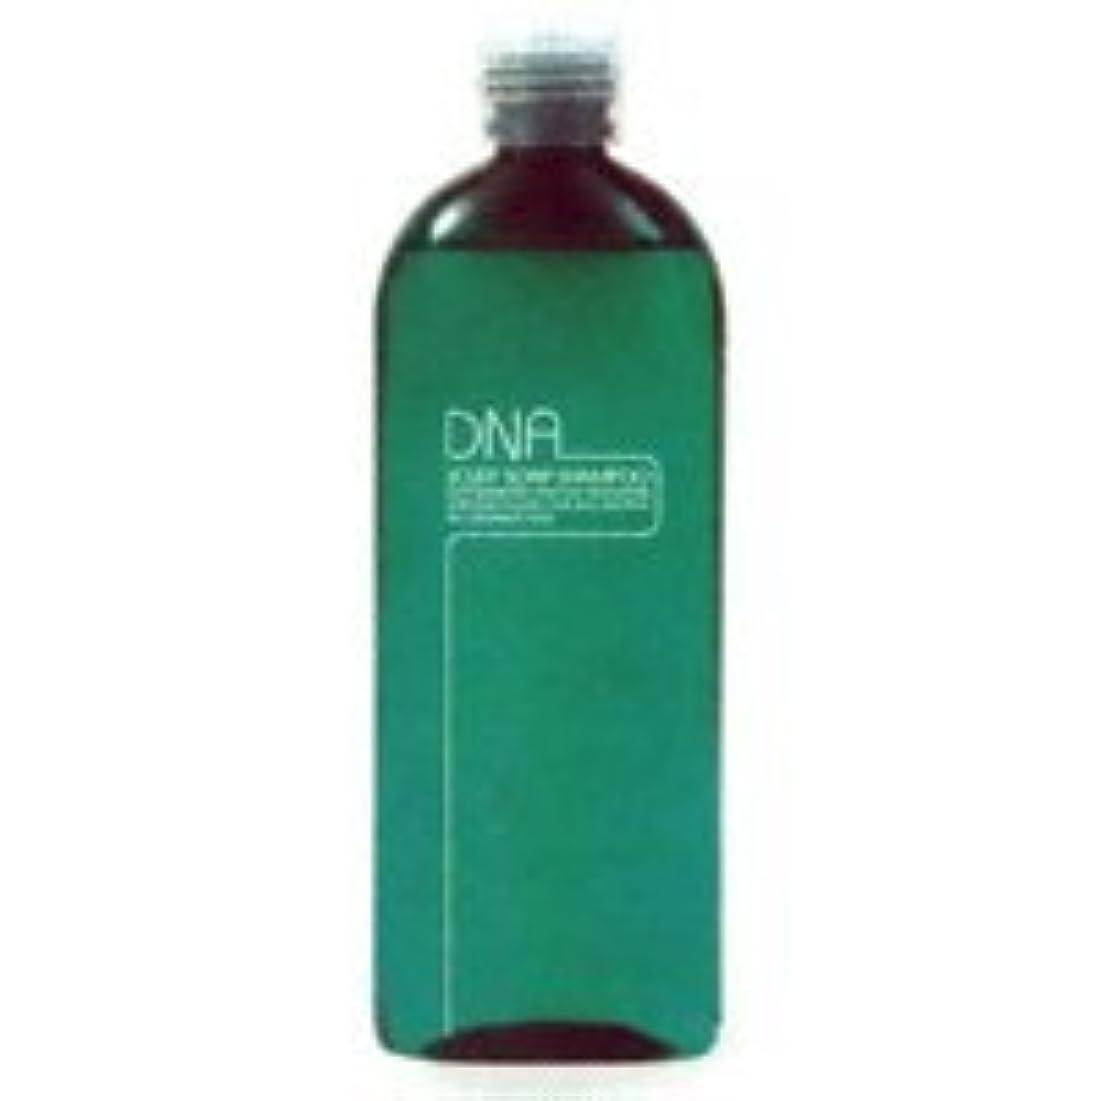 放置慎重負ハツモール ビューティ スカーフソープ DNAシャンプー 350ml/薄毛、抜け毛が気になる方のための低刺激、弱酸性シャンプー